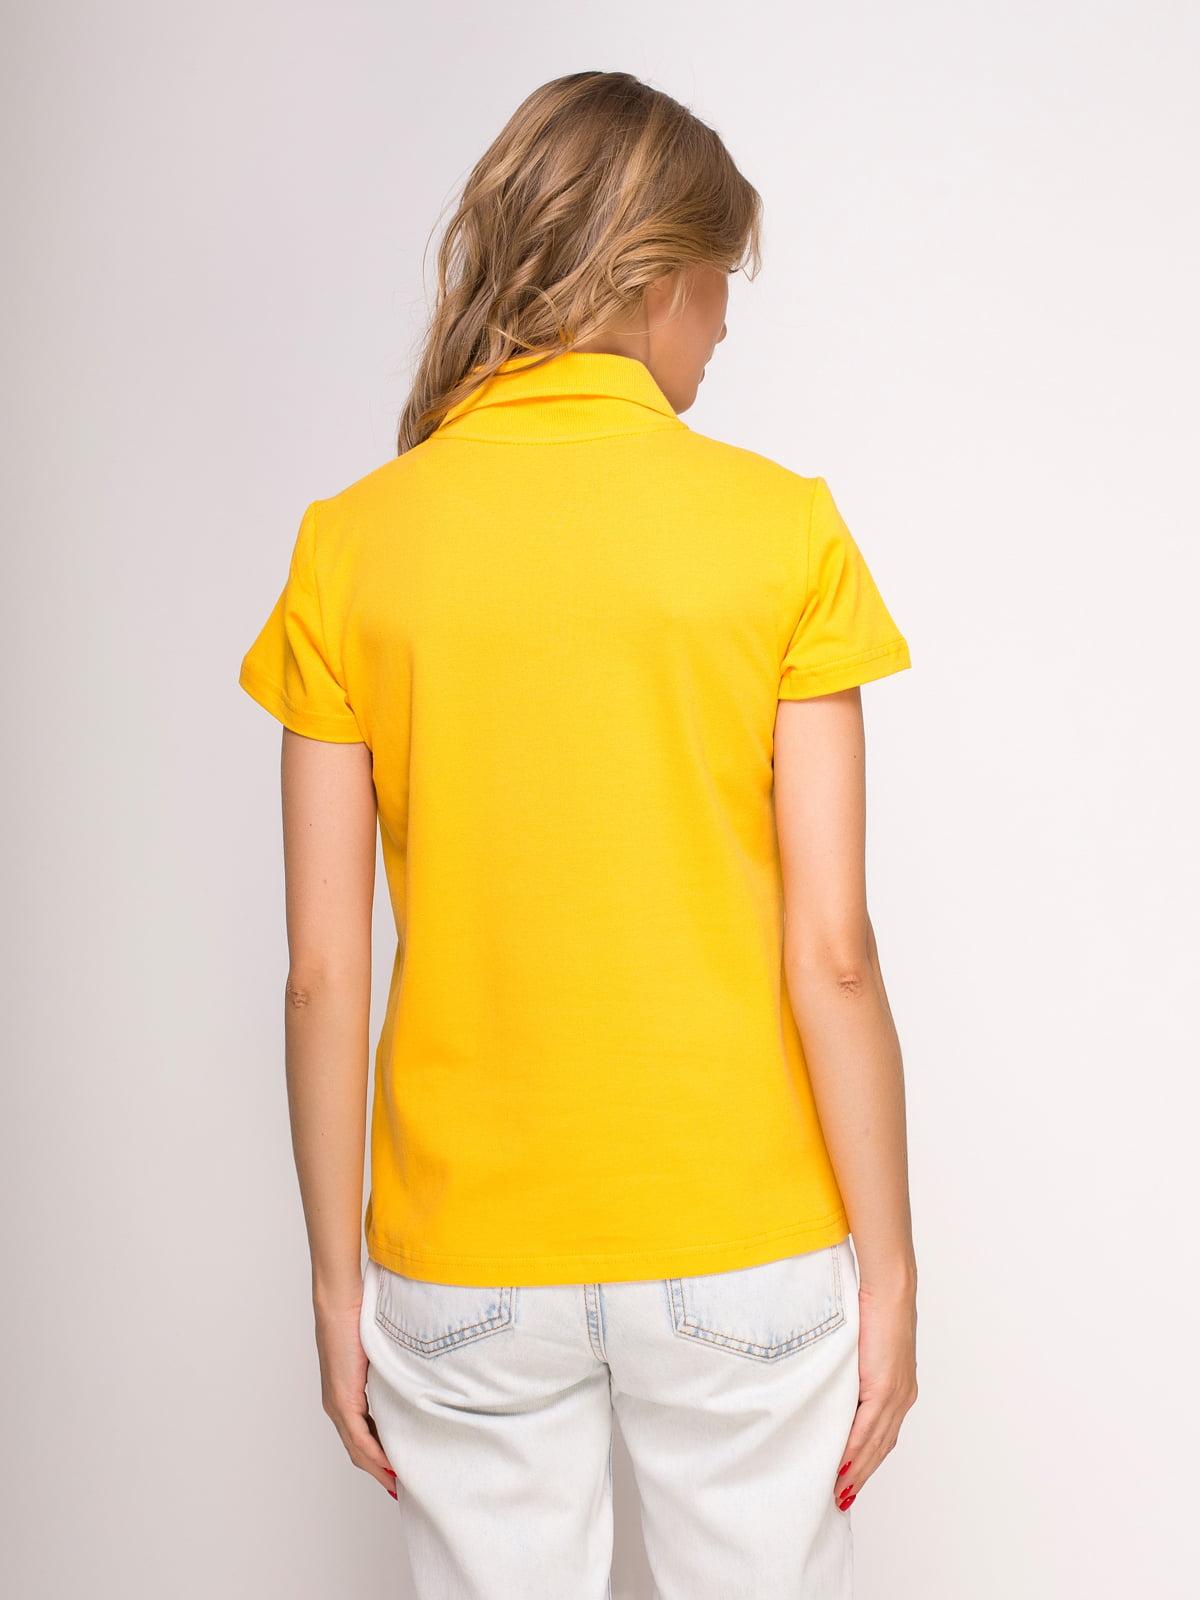 Футболка-поло желтая с принтом | 4583032 | фото 2